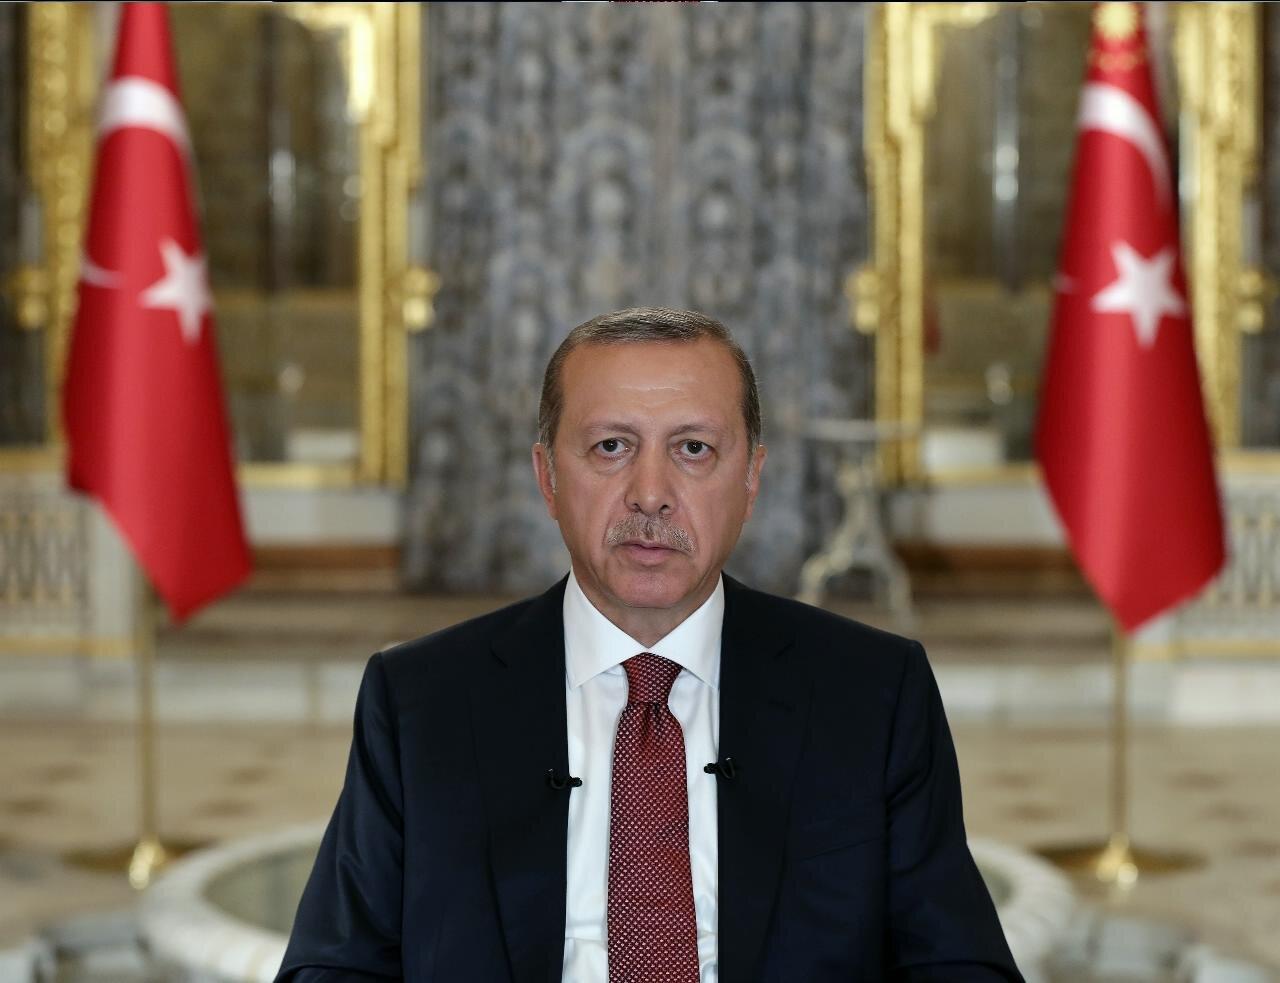 Cumhurbaşkanı Erdoğan, 15 Temmuz darbe girişimiyle ilgili olarak yayımladığı video mesajla halka hitap etti.